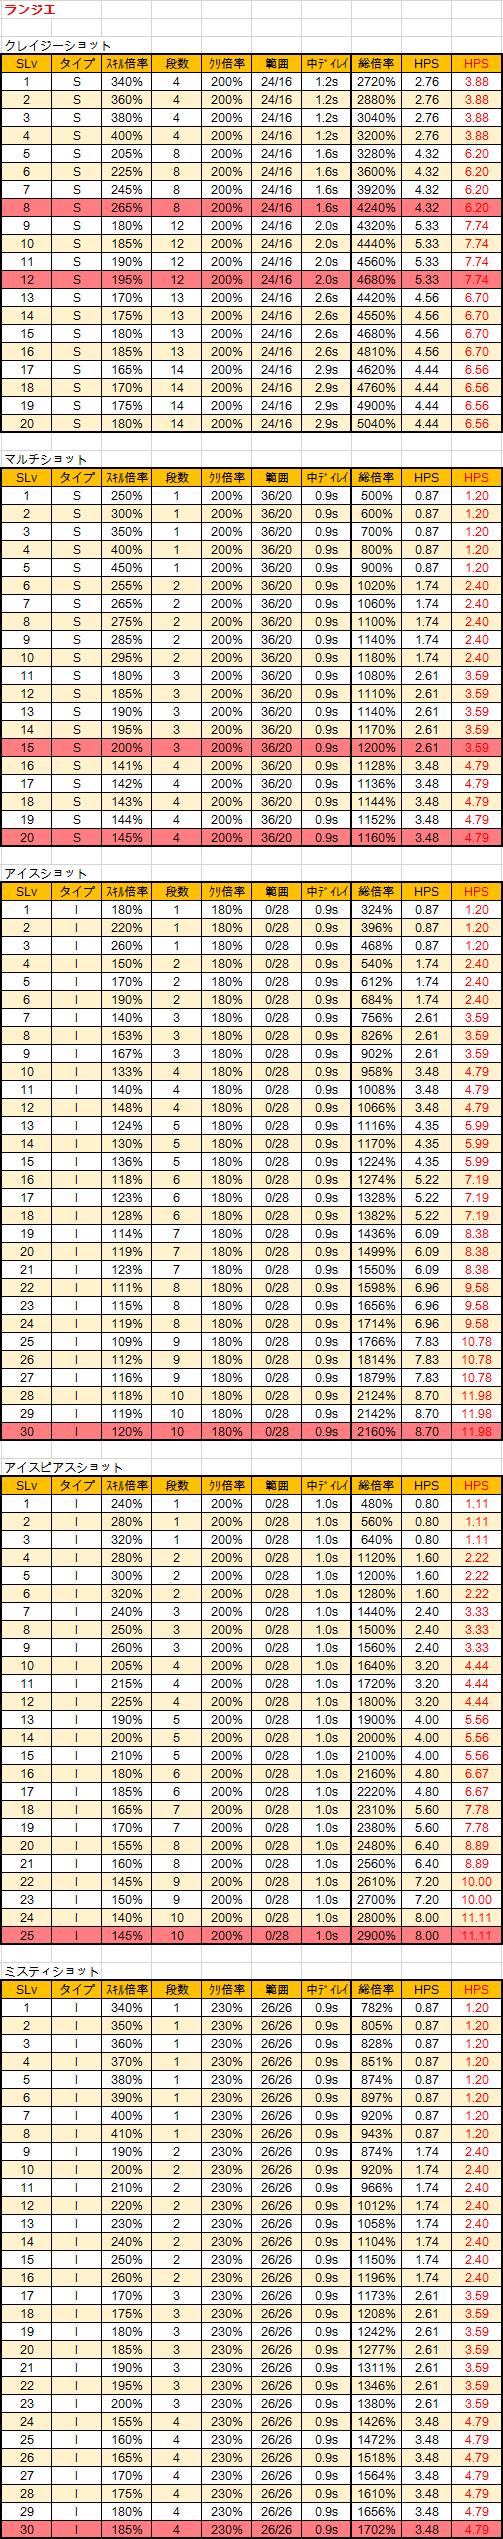 キャラクターバランシング1-3 ランジエ